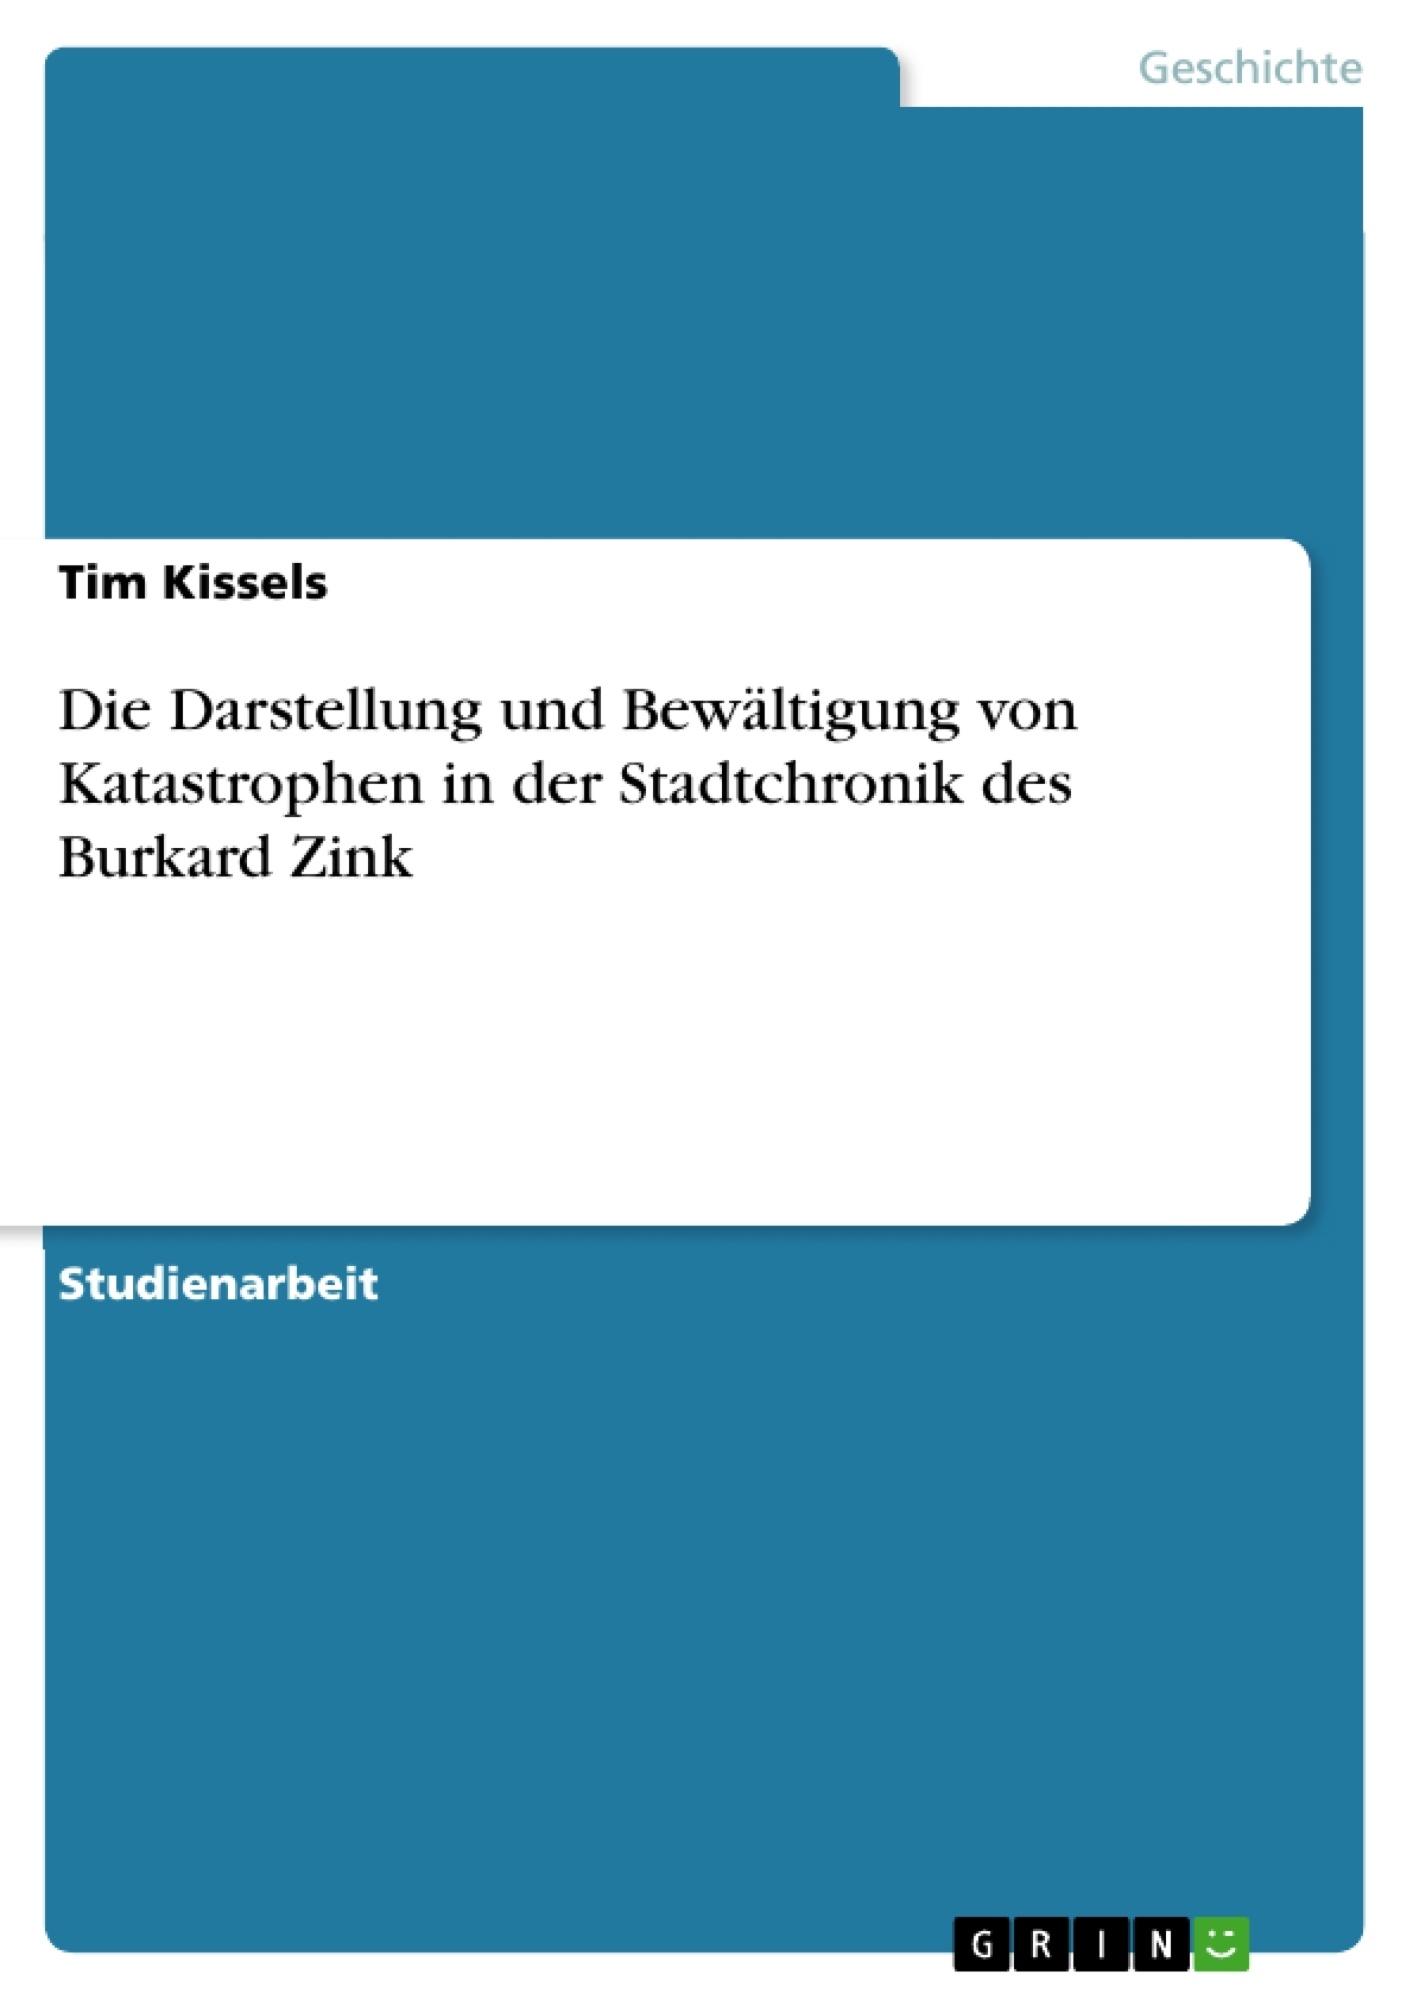 Titel: Die Darstellung und Bewältigung von Katastrophen in der Stadtchronik des Burkard Zink